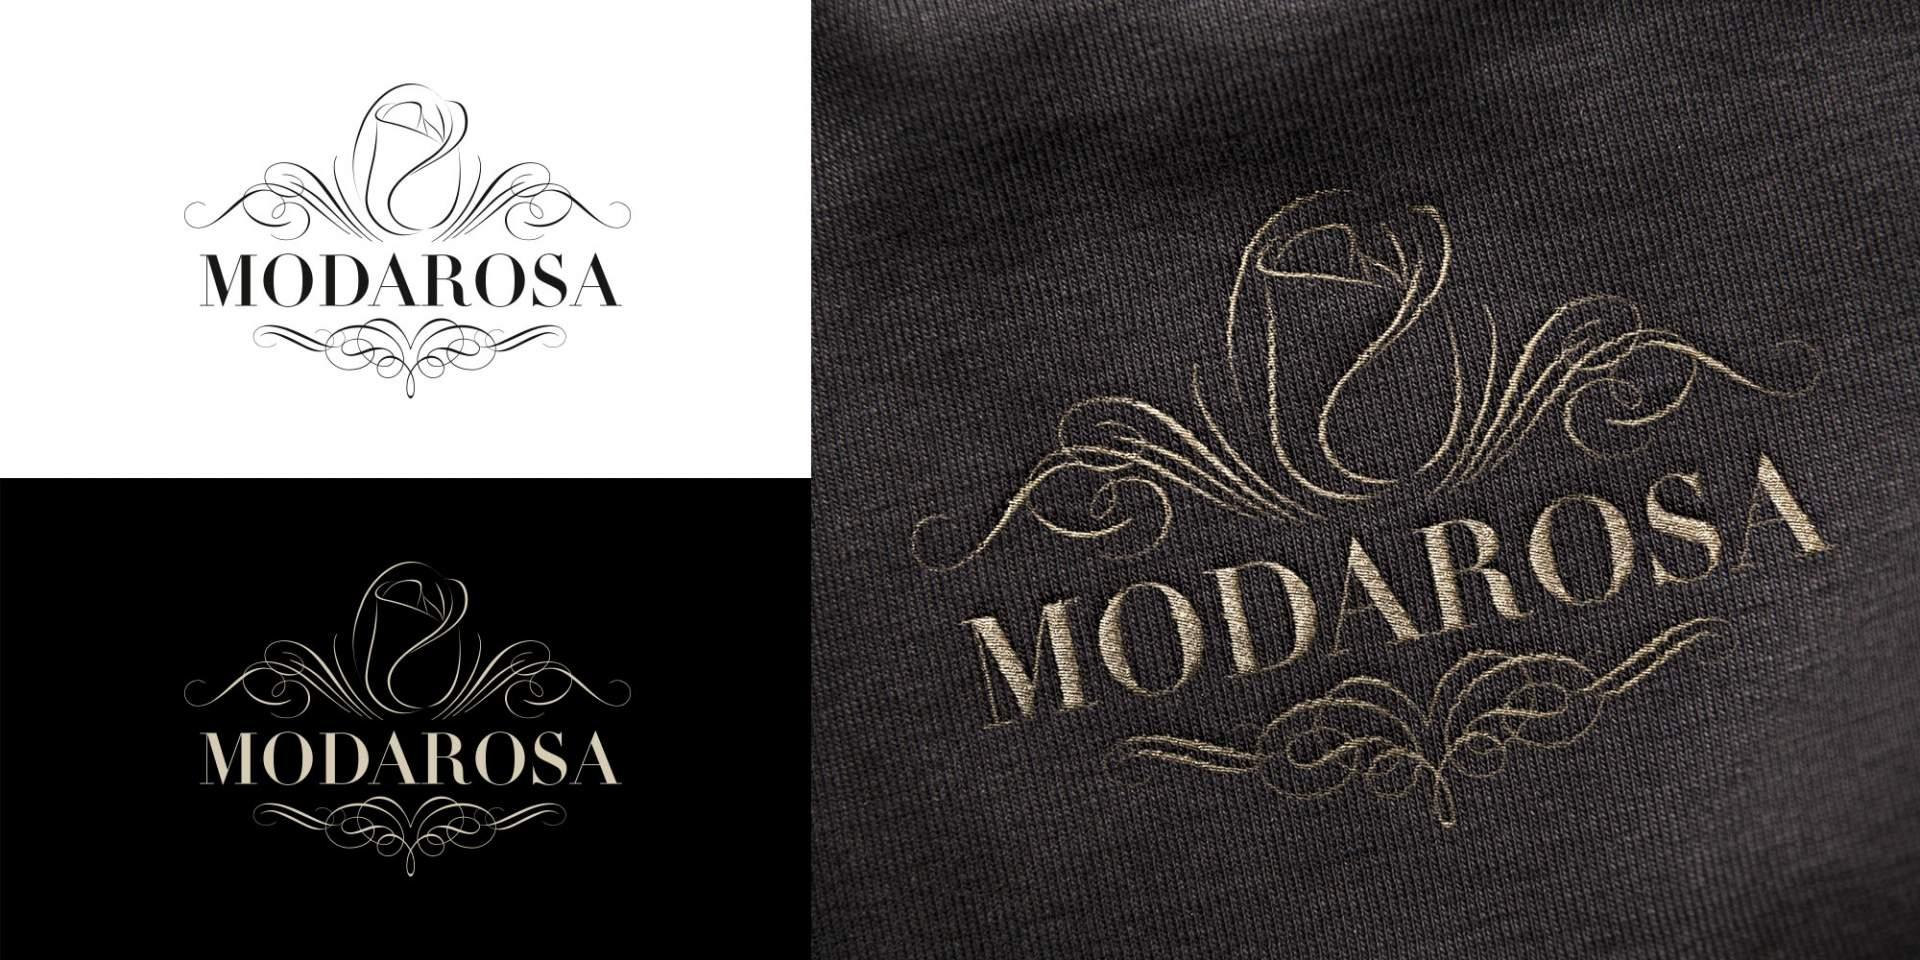 30-DA2 AGENCY-Modarosa 01